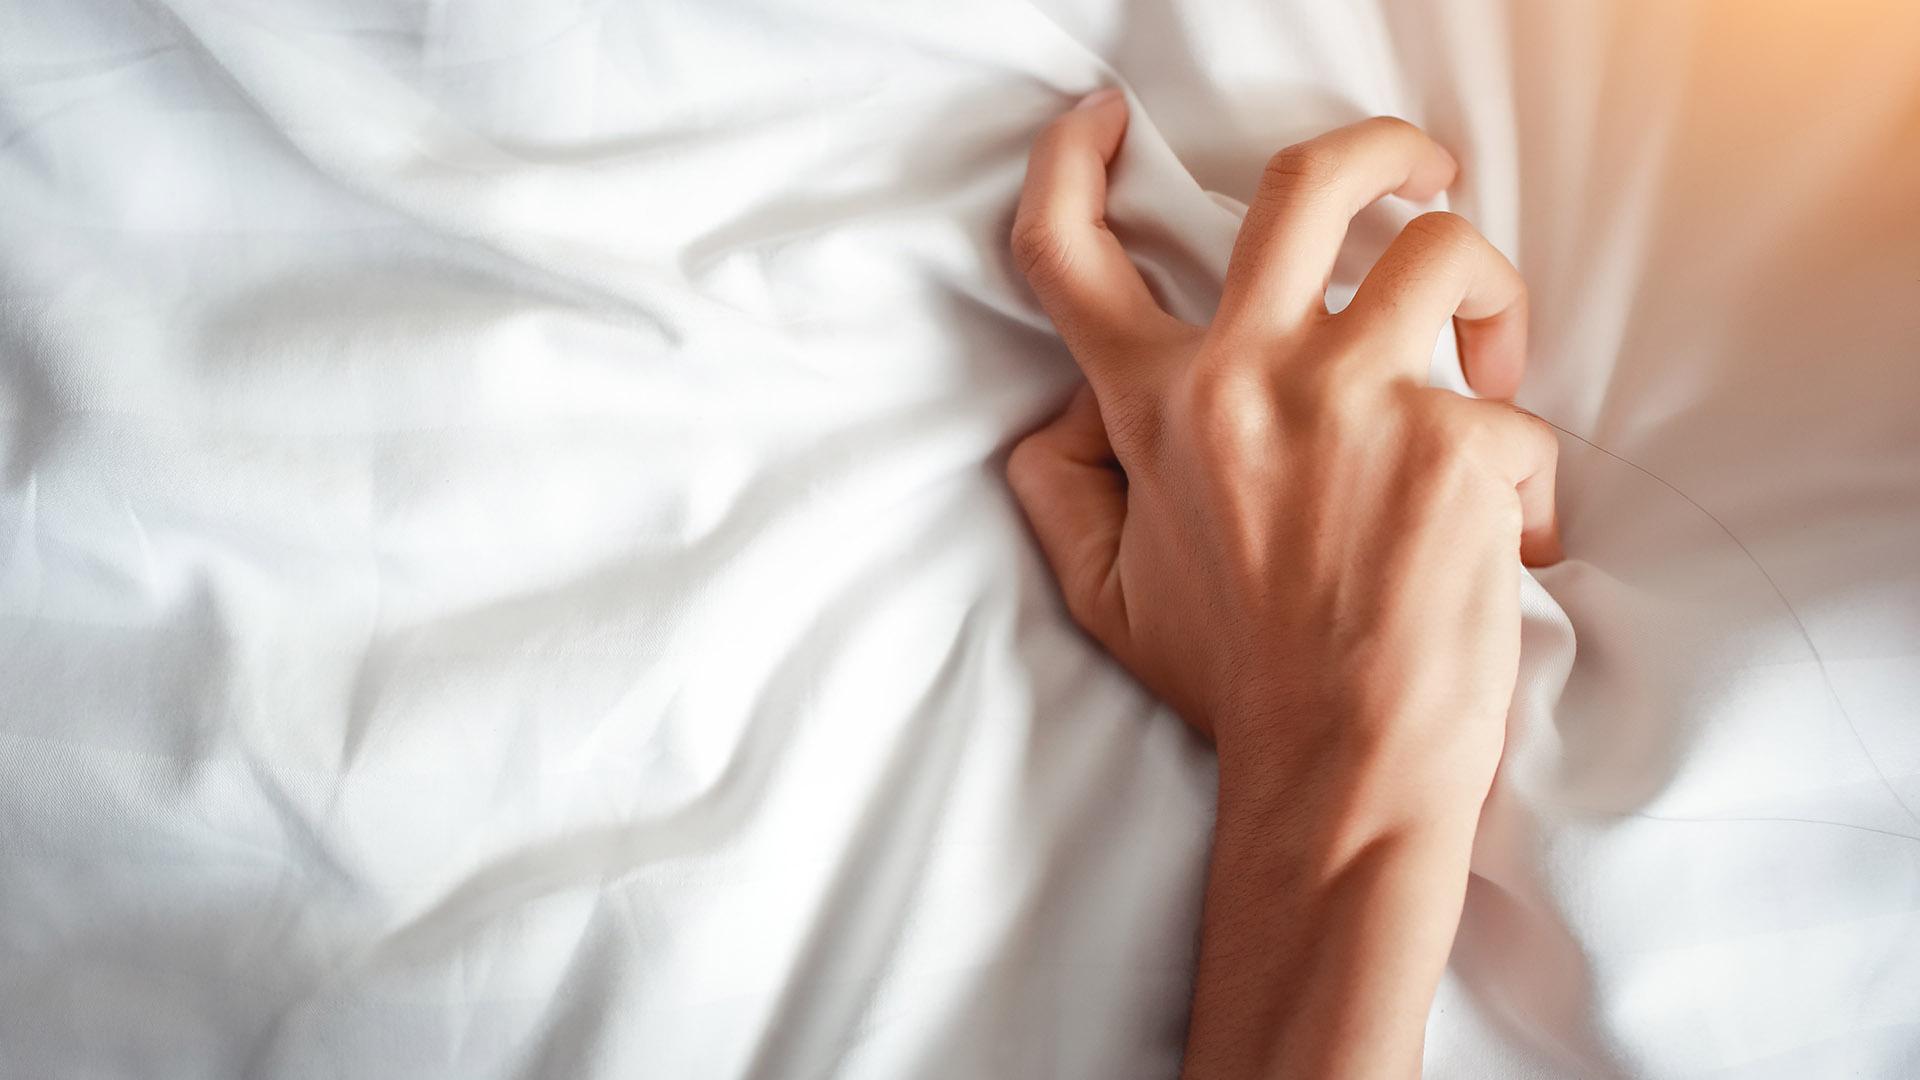 Orgasmo Femenino Cómo Llegar Y Cómo Reconocer El Clímax Infobae